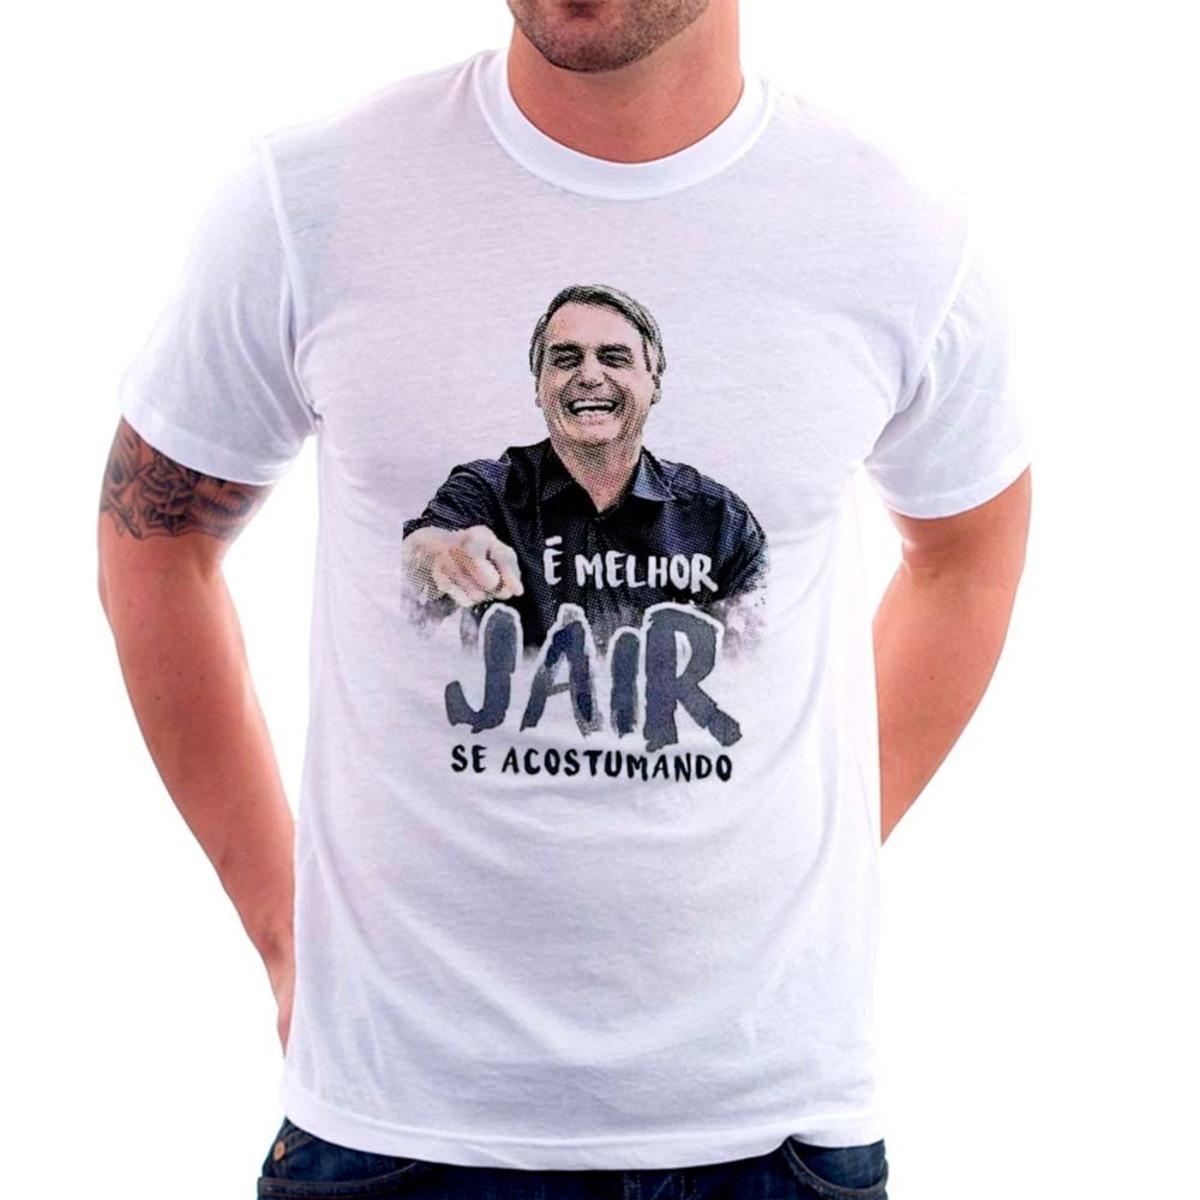 0194d0a66b Camiseta Masculina Melhor Jair Se Acostumando Bolsonaro no Elo7 ...